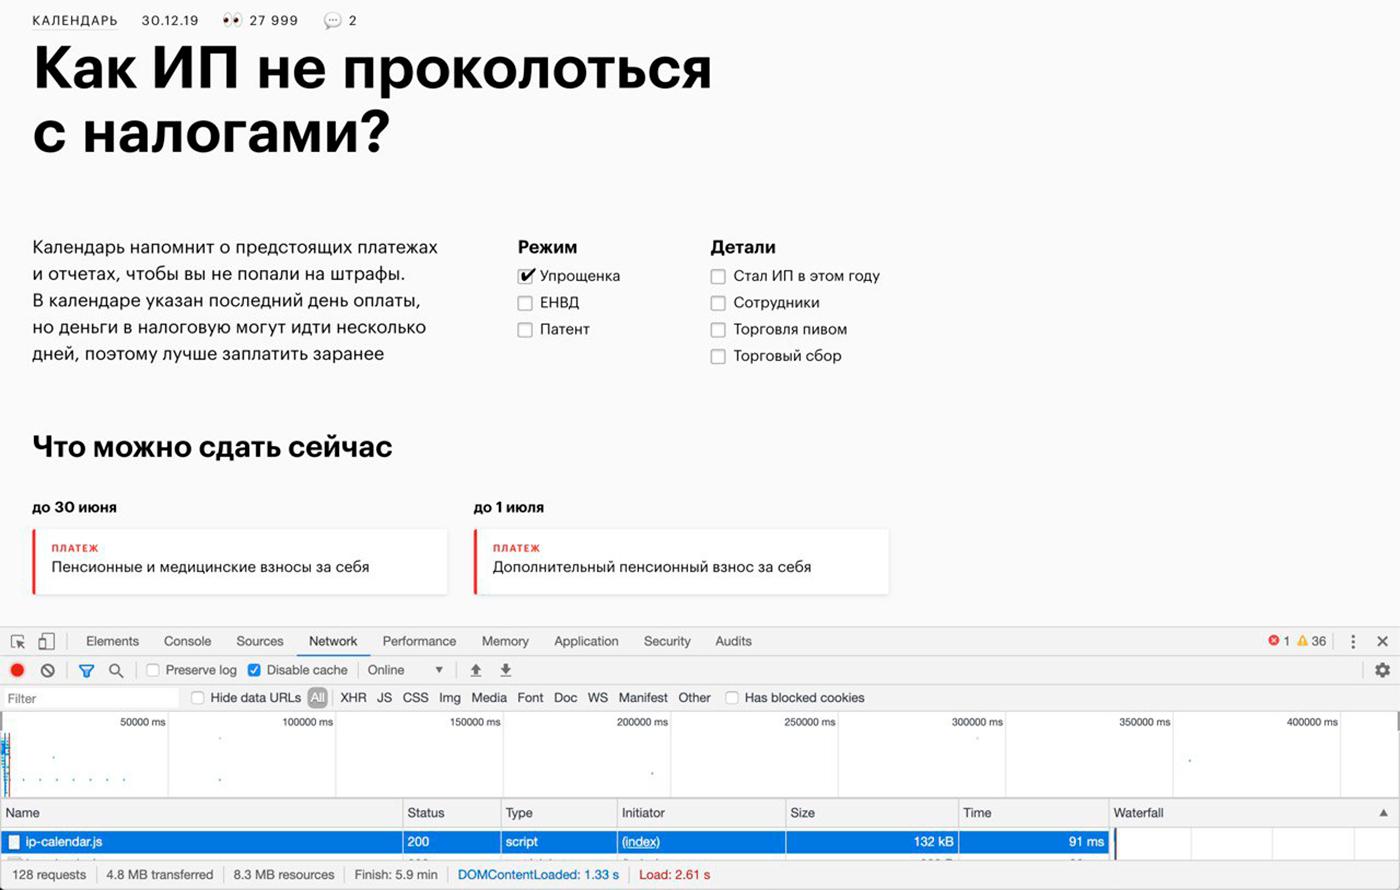 ip-calendar.js содержит всю логику интерактива, который помогает ИП вовремя сдавать отчетность. В полном адресе бандла на CDN содержится хэш. Так мы поддерживаем версионирование интерактивов